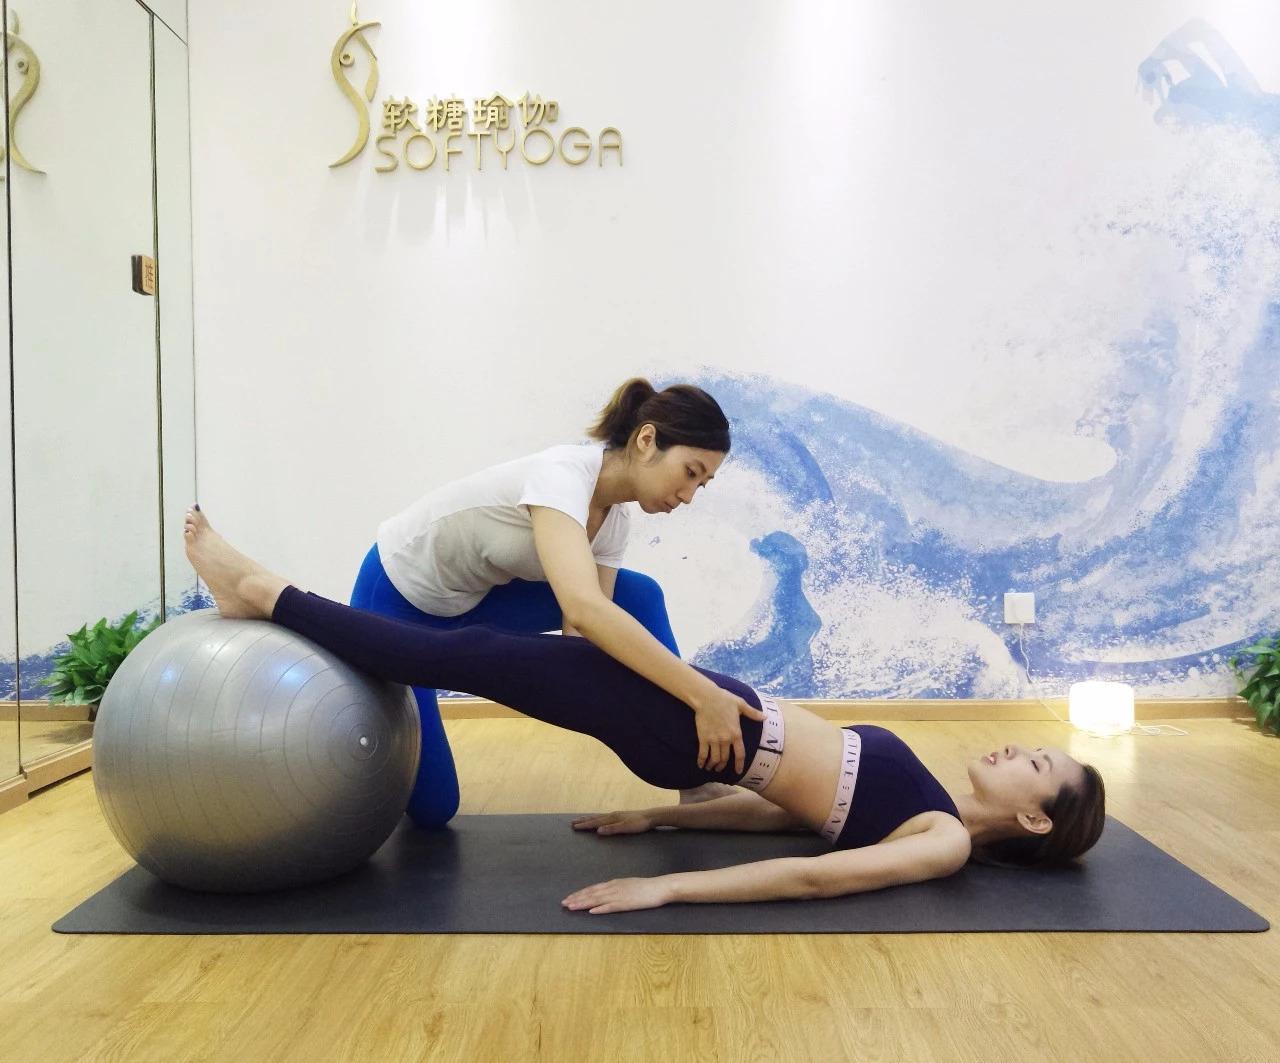 减肥、塑型、做飞起来的仙女,去这家瑜伽馆约一波?